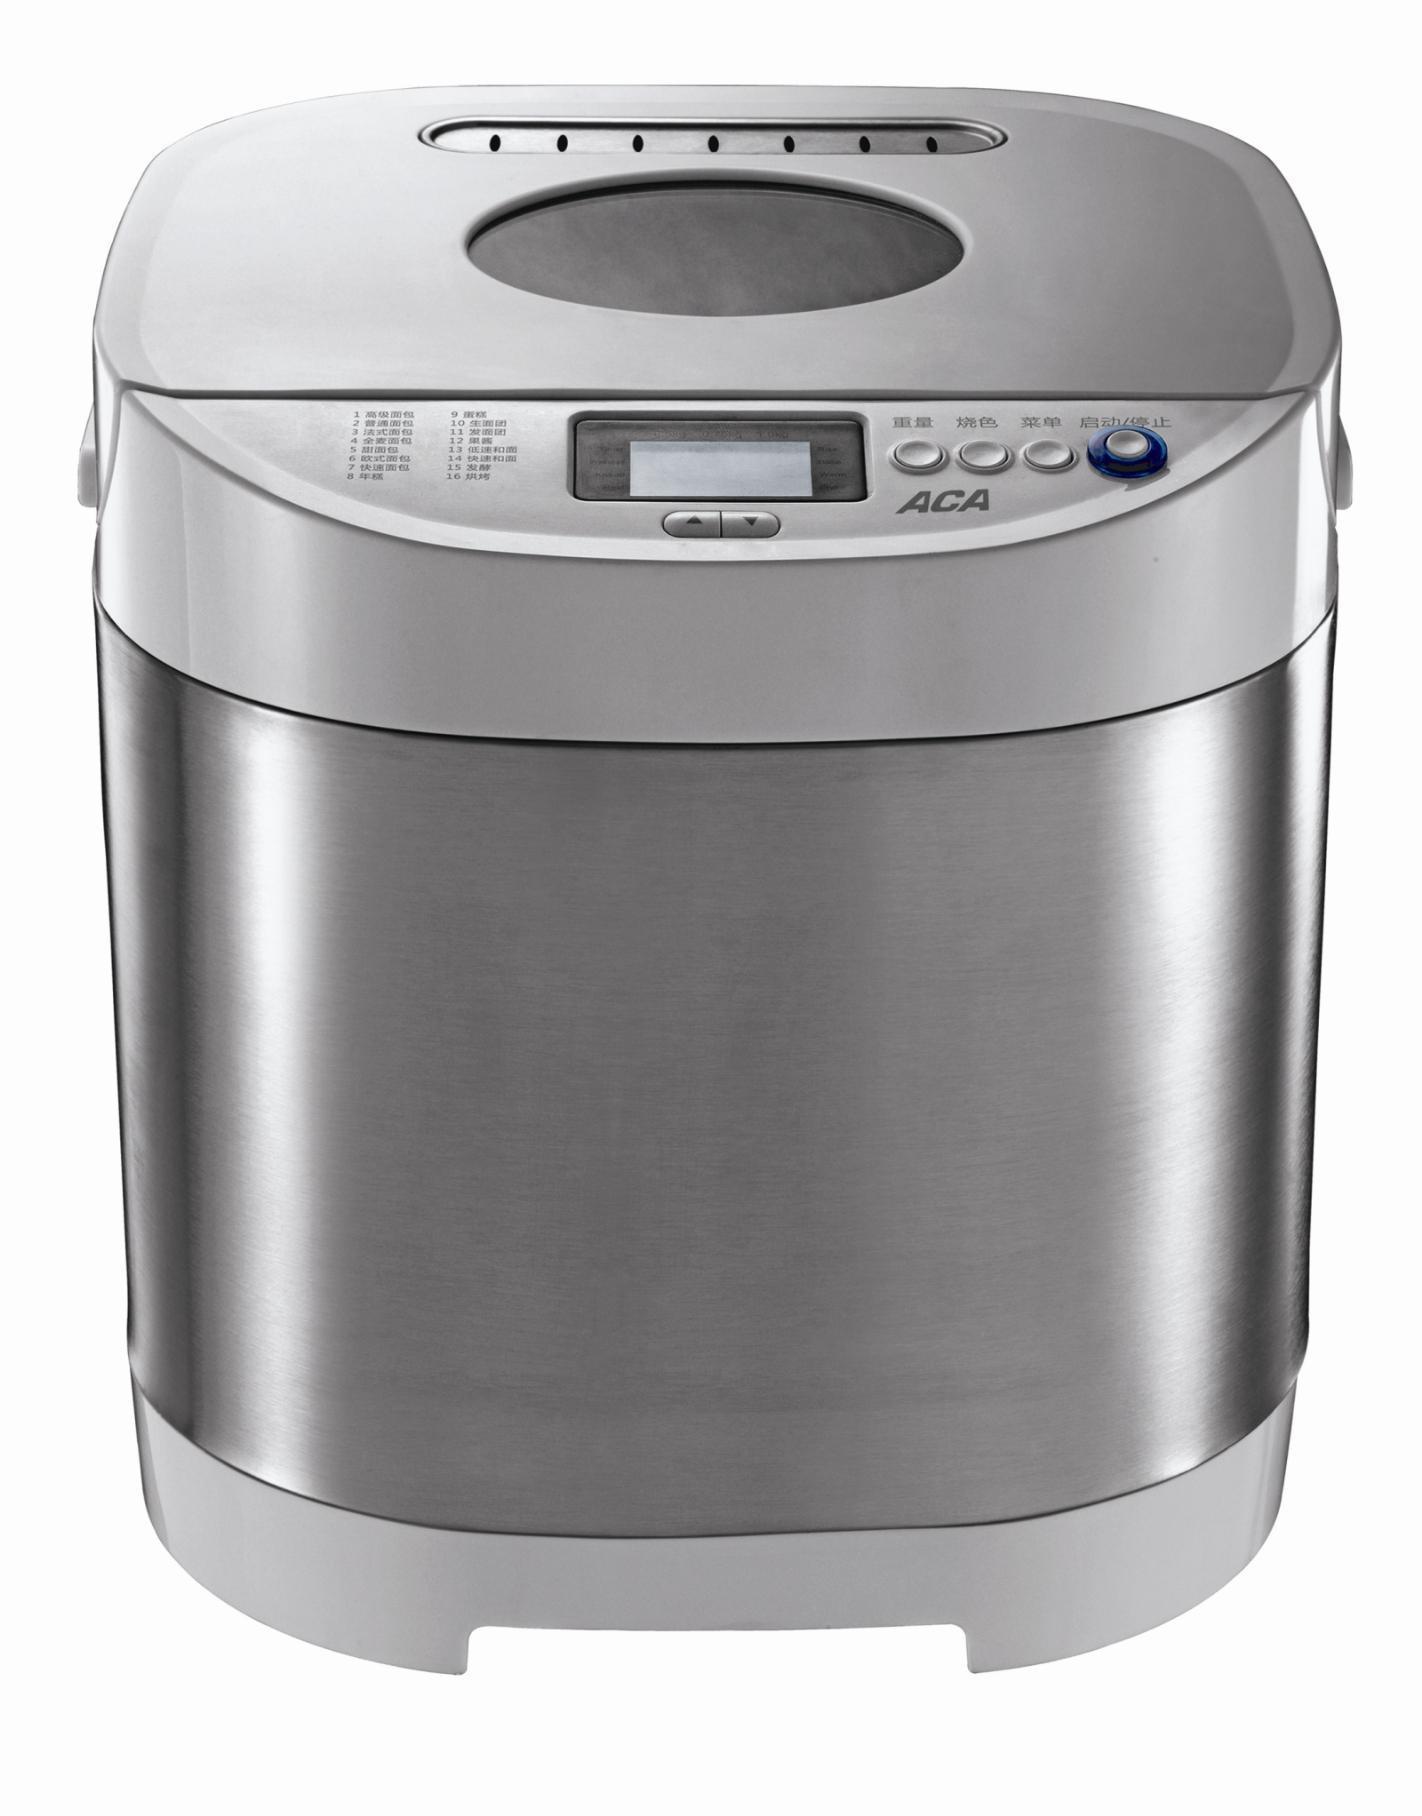 北美电器 银色单搅拌叶片3档不锈钢50Hz硬质氧化材质 AB-SN6513面包机